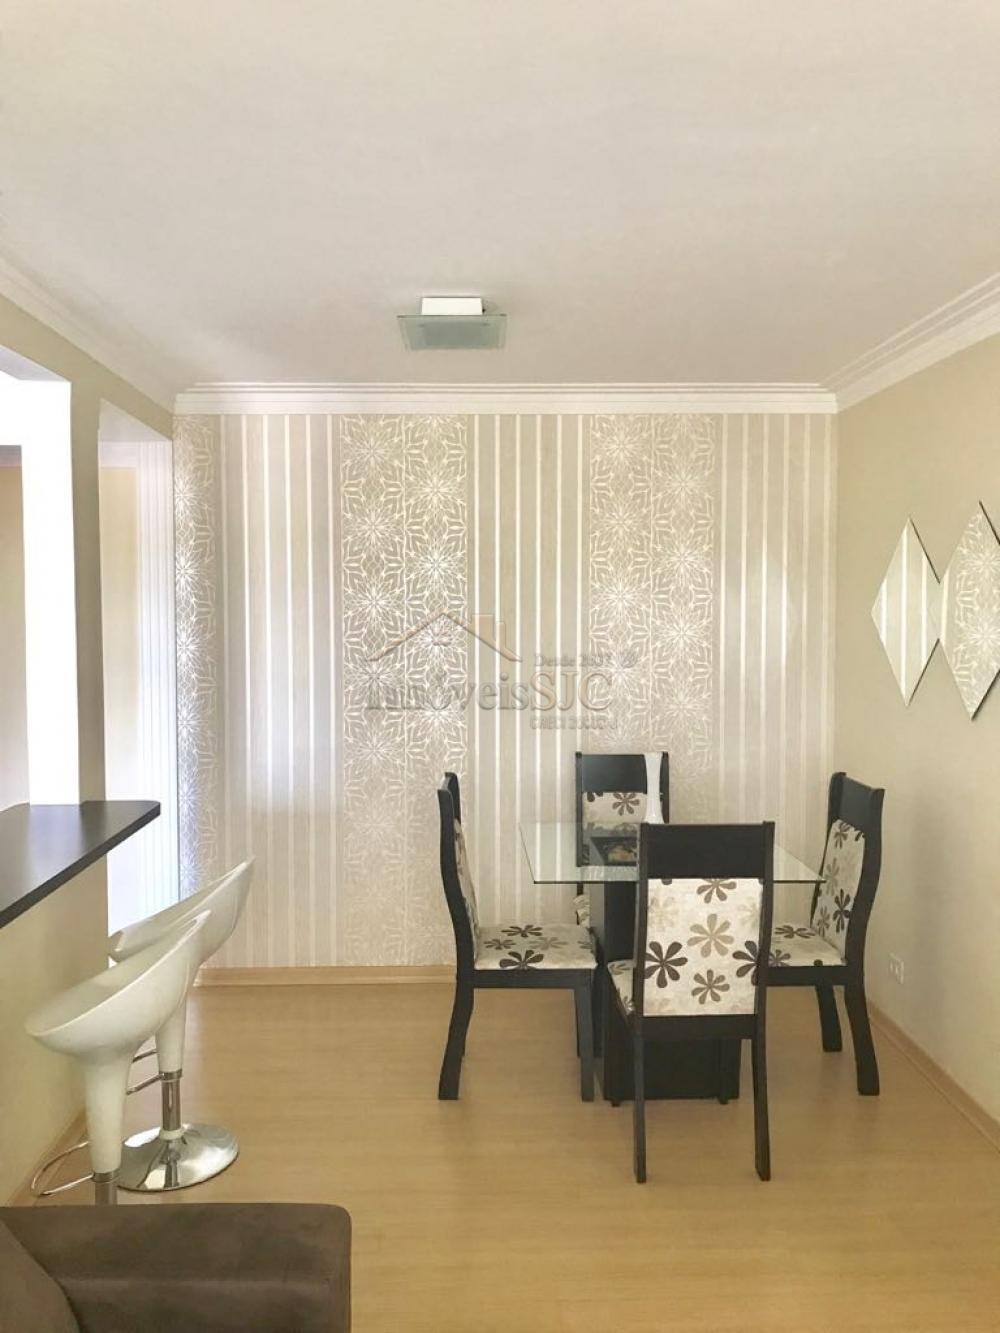 Comprar Apartamentos / Padrão em São José dos Campos apenas R$ 218.000,00 - Foto 1